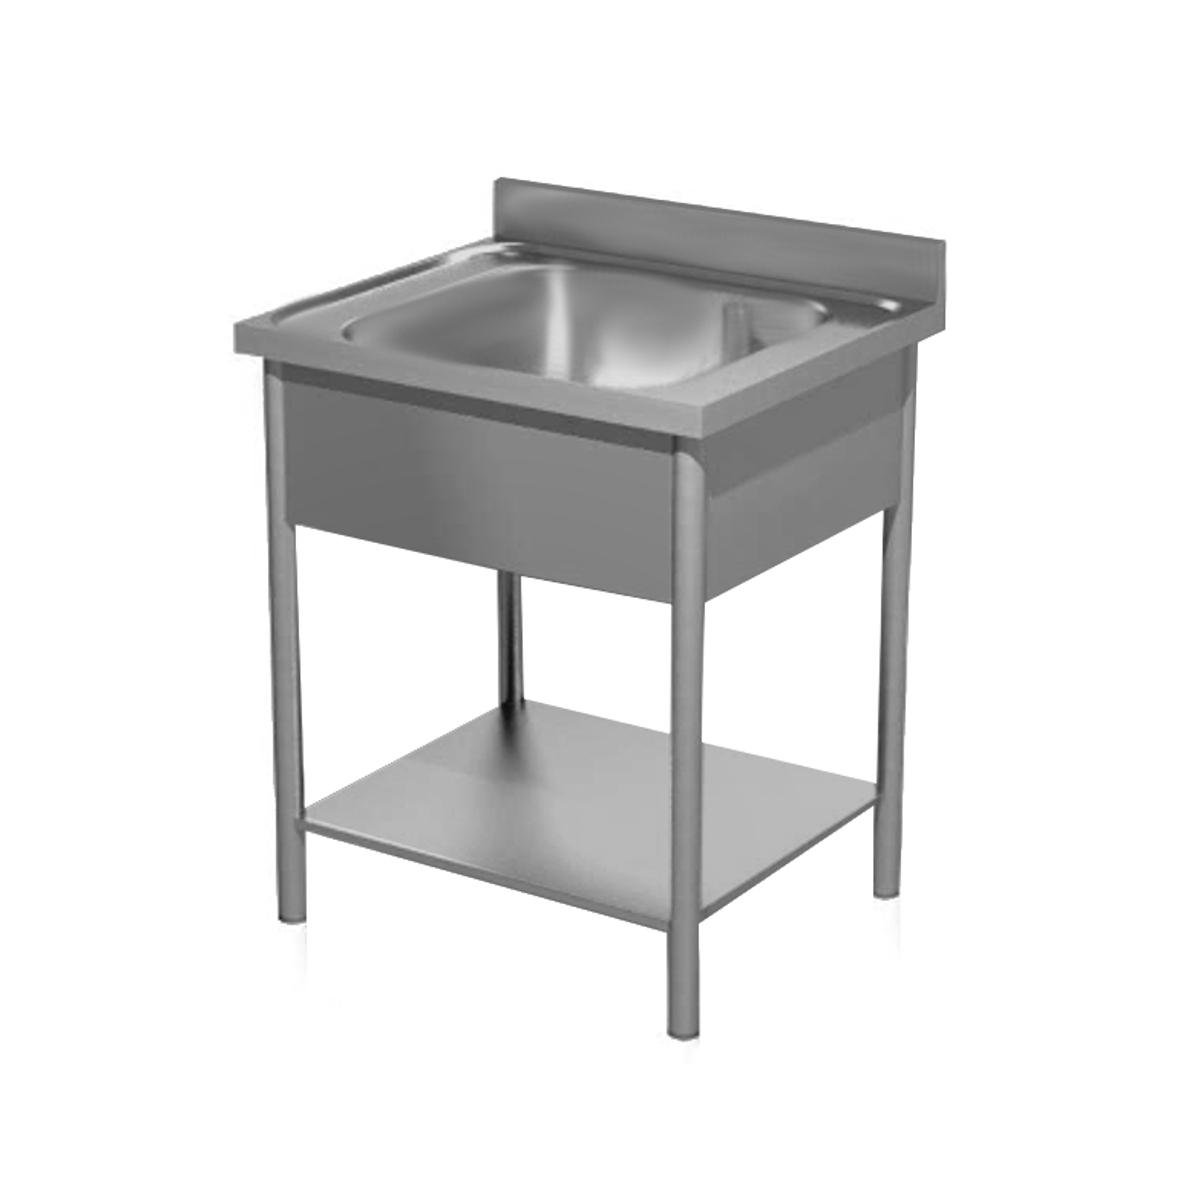 Lavatoio gambe tonde acciaio inox una vasca e ripiano for Arredamento acciaio inox